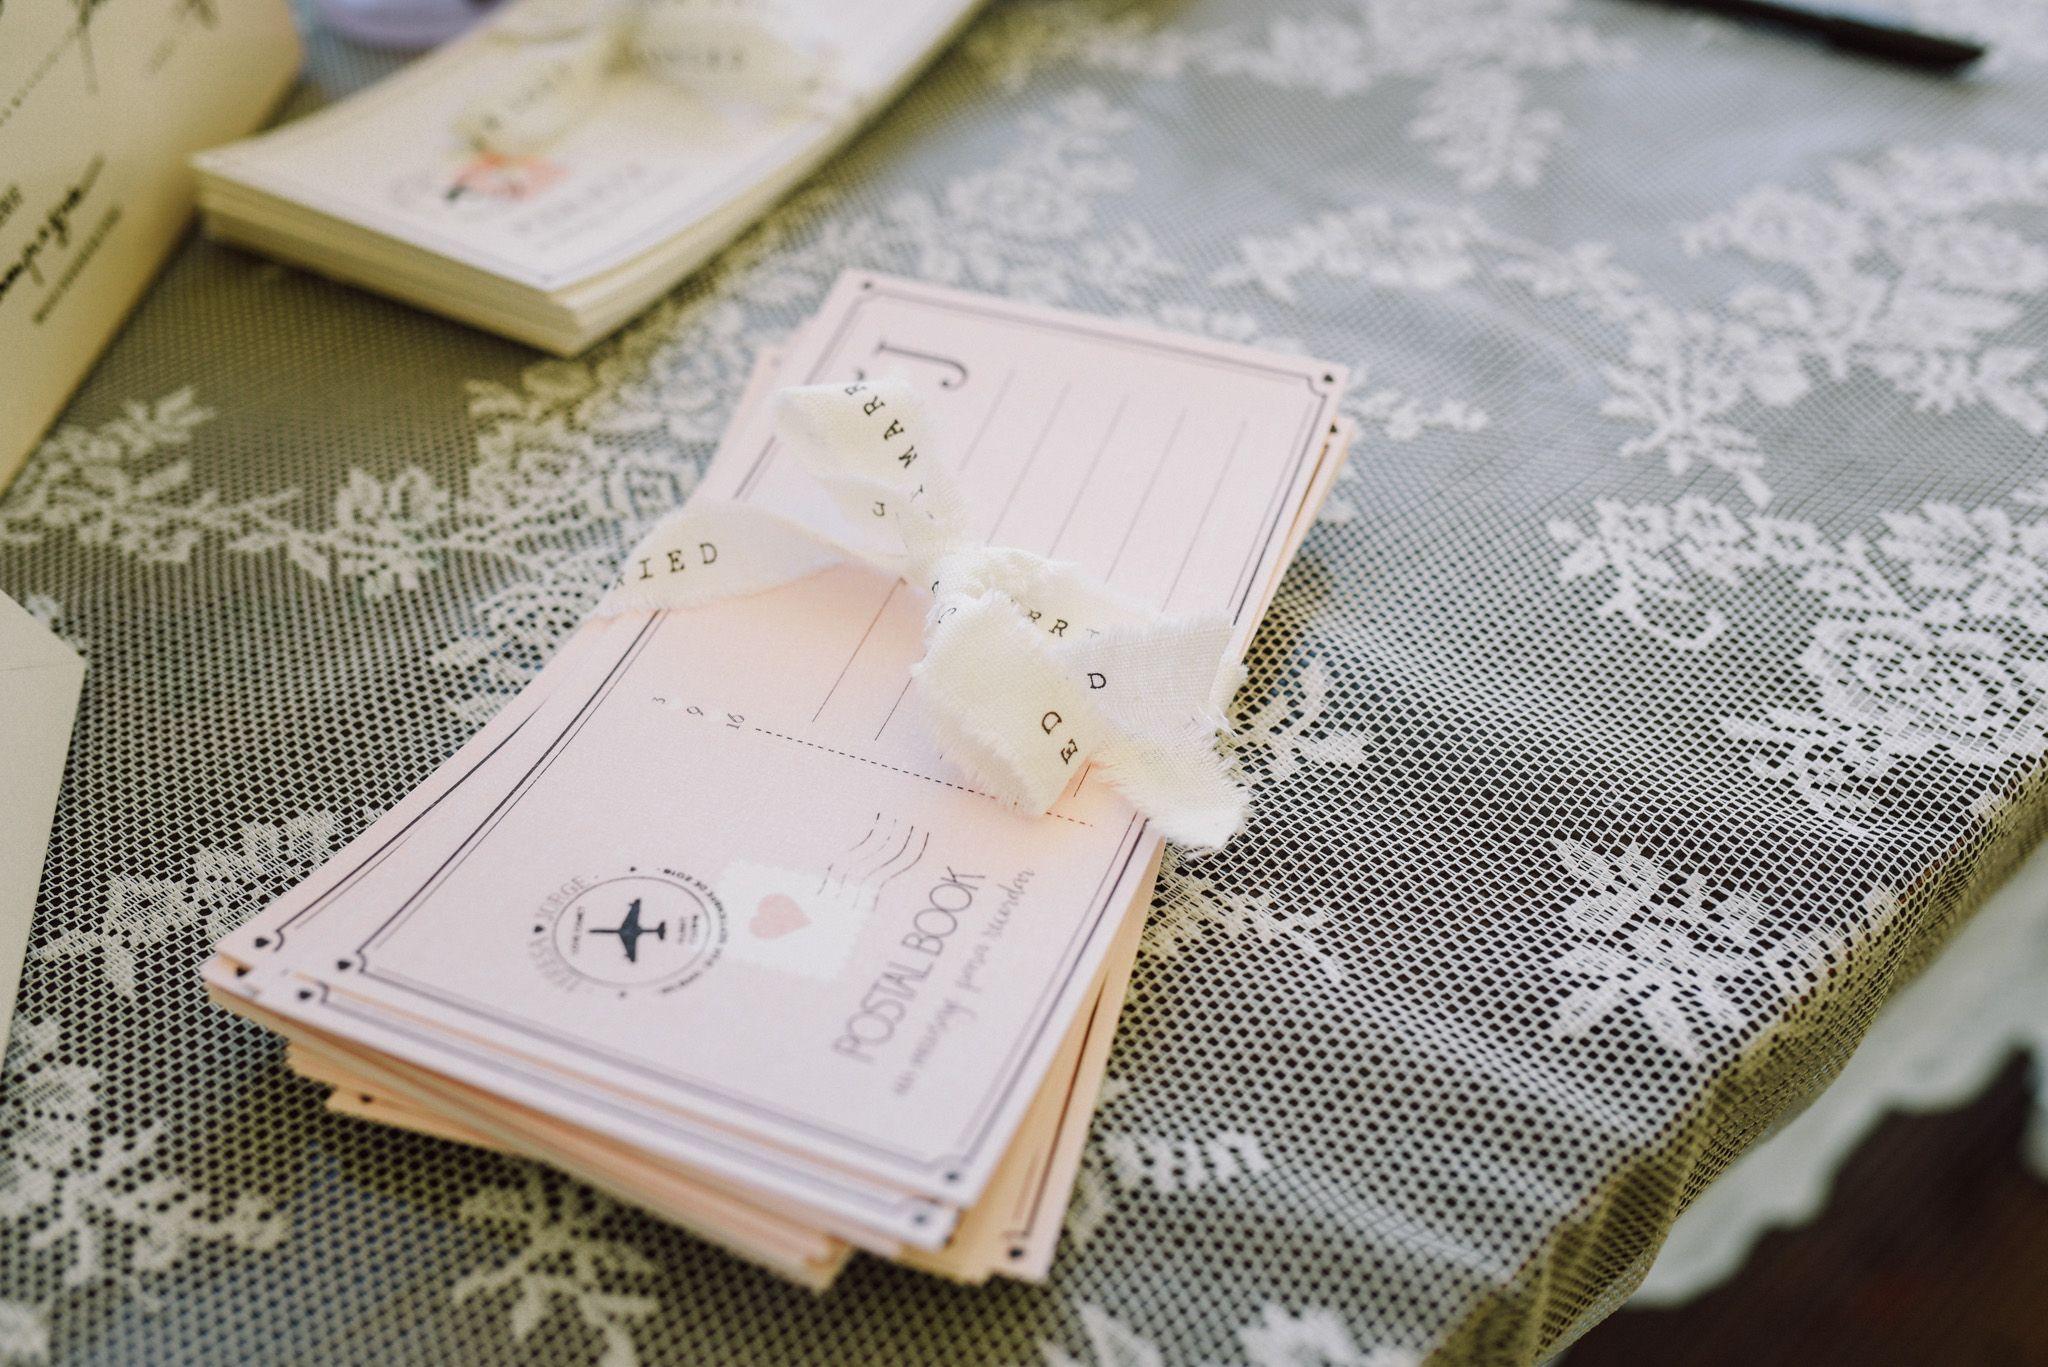 Detalle de las postales, libro de firmas diseñado por Conmemöra, boda Bilbao Hesperia Zubialde